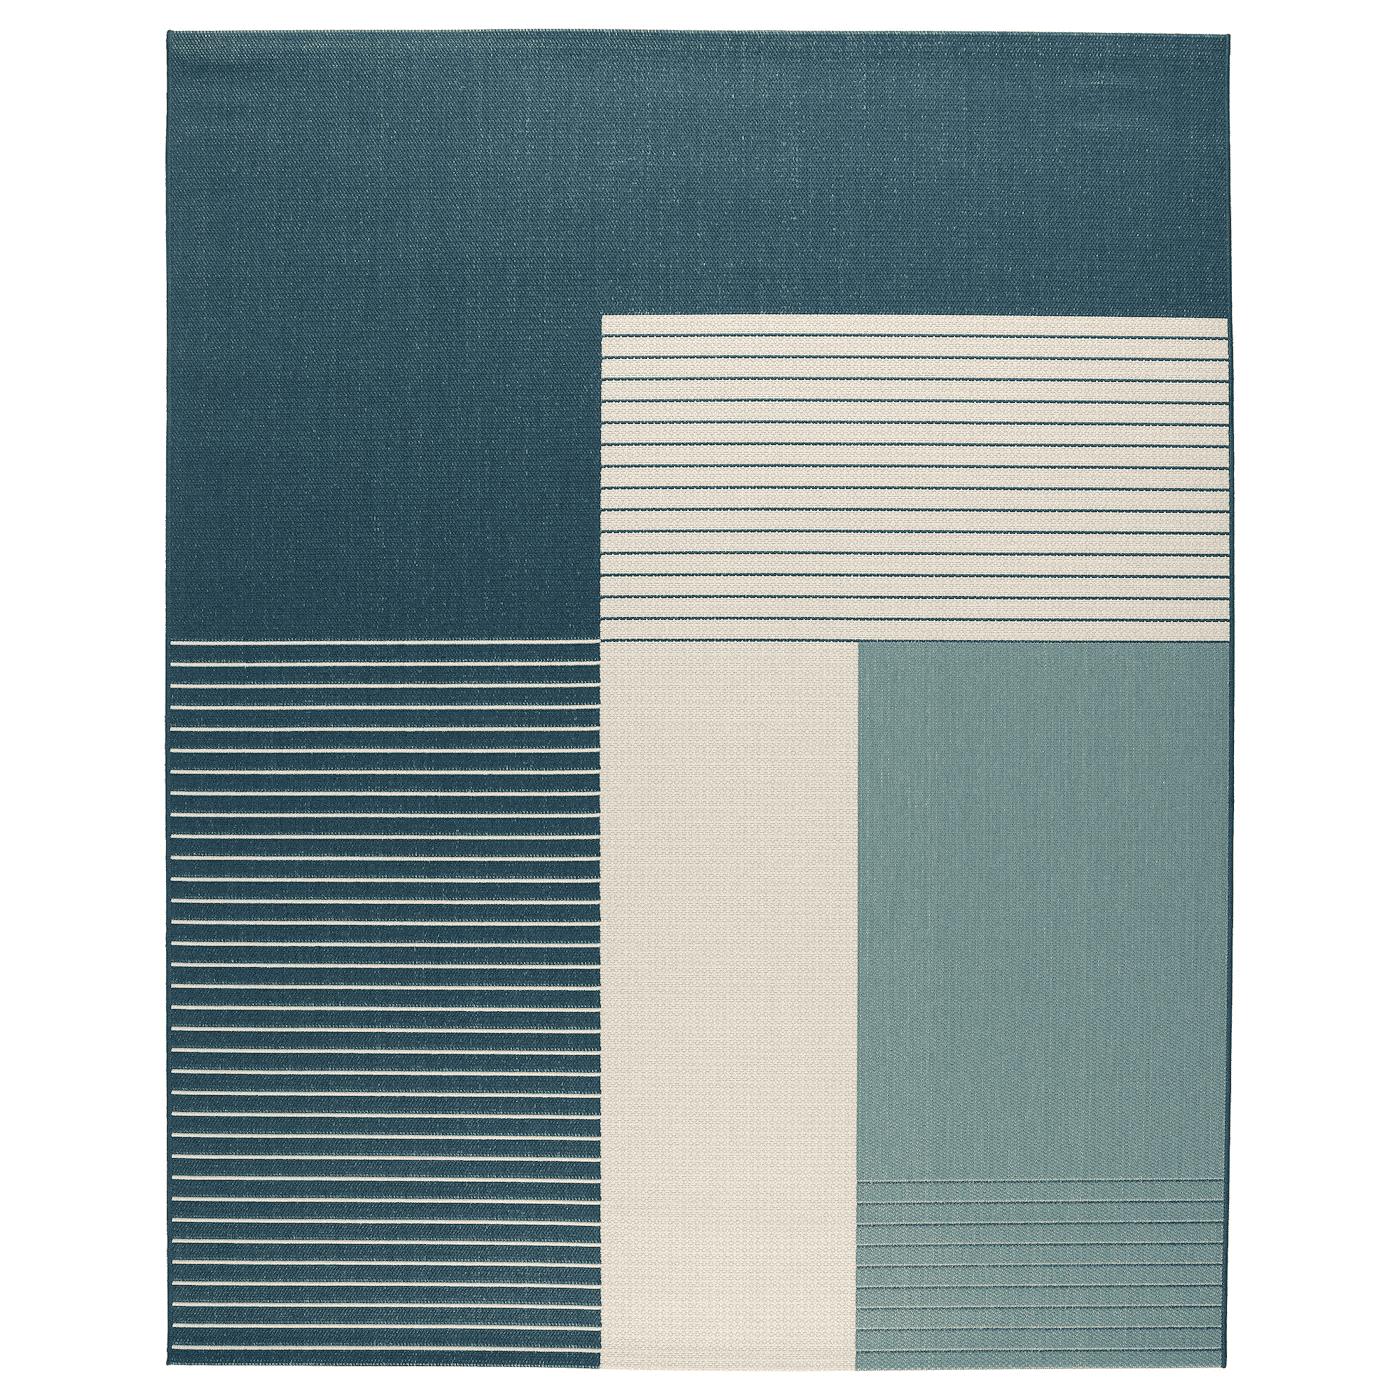 ROSKILDE Rug, flat woven, indoor-outdoor green-blue